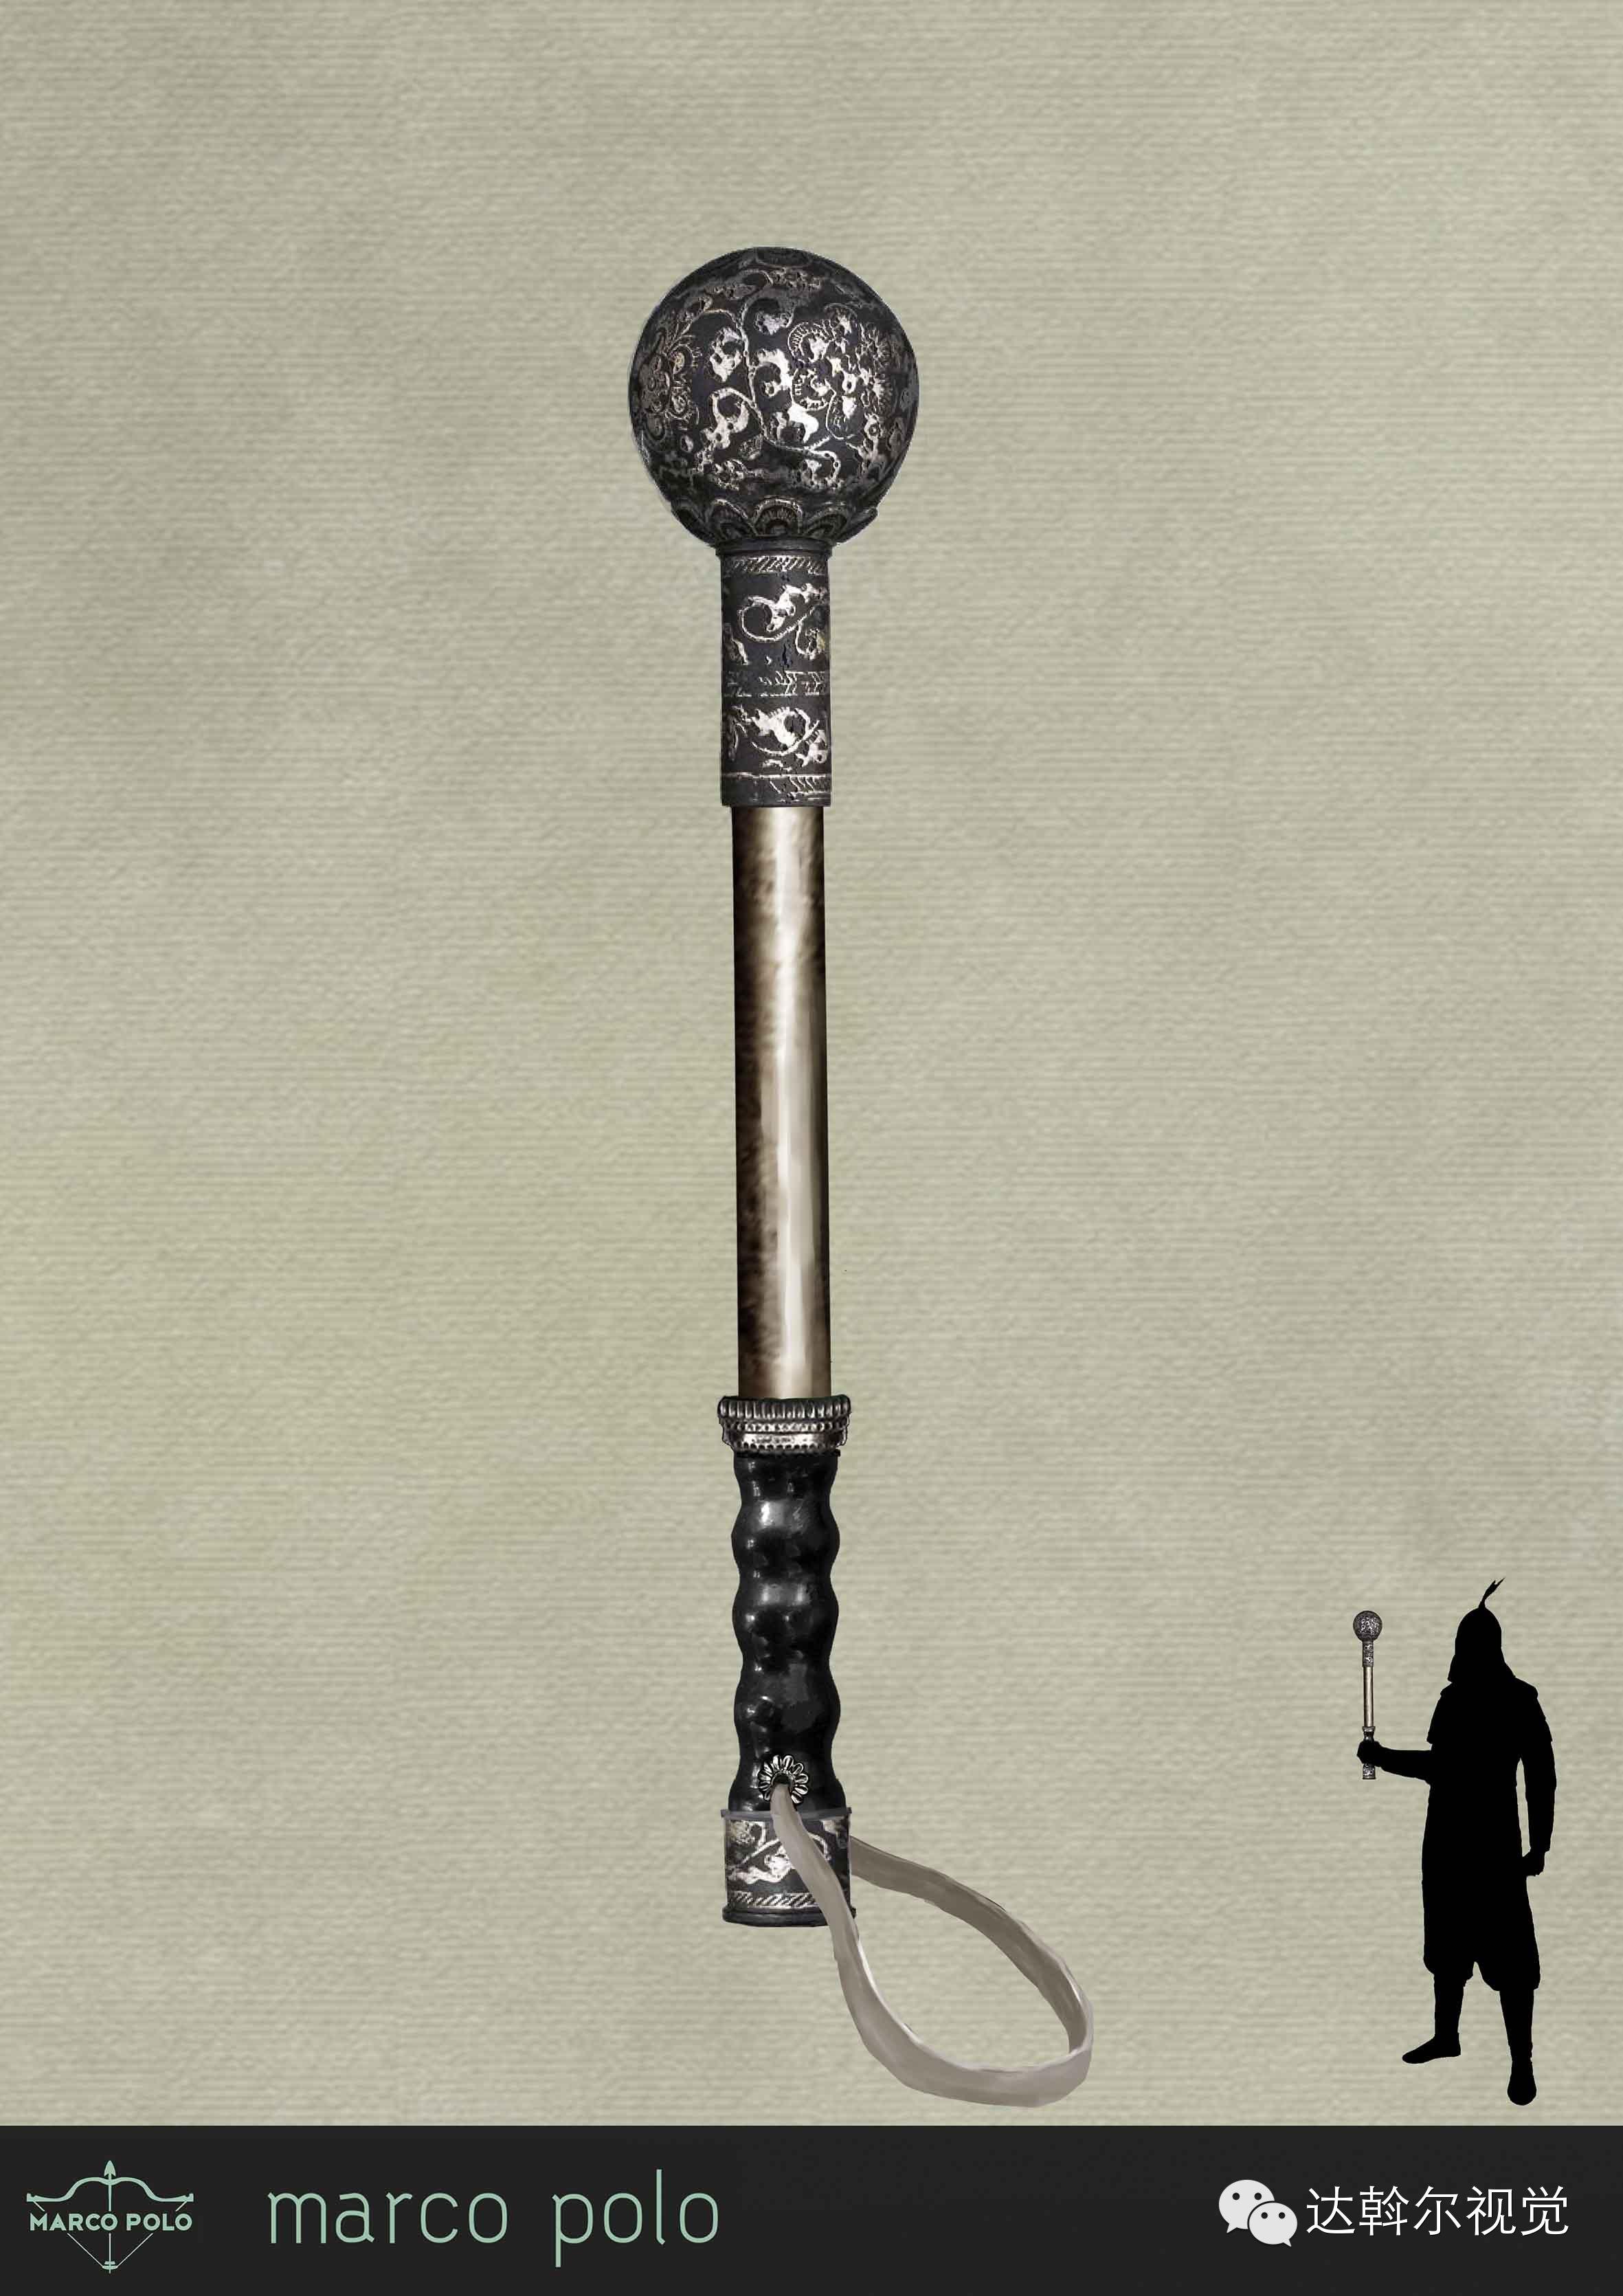 蒙古题材美剧《马可波罗》兵器设计欣赏 第9张